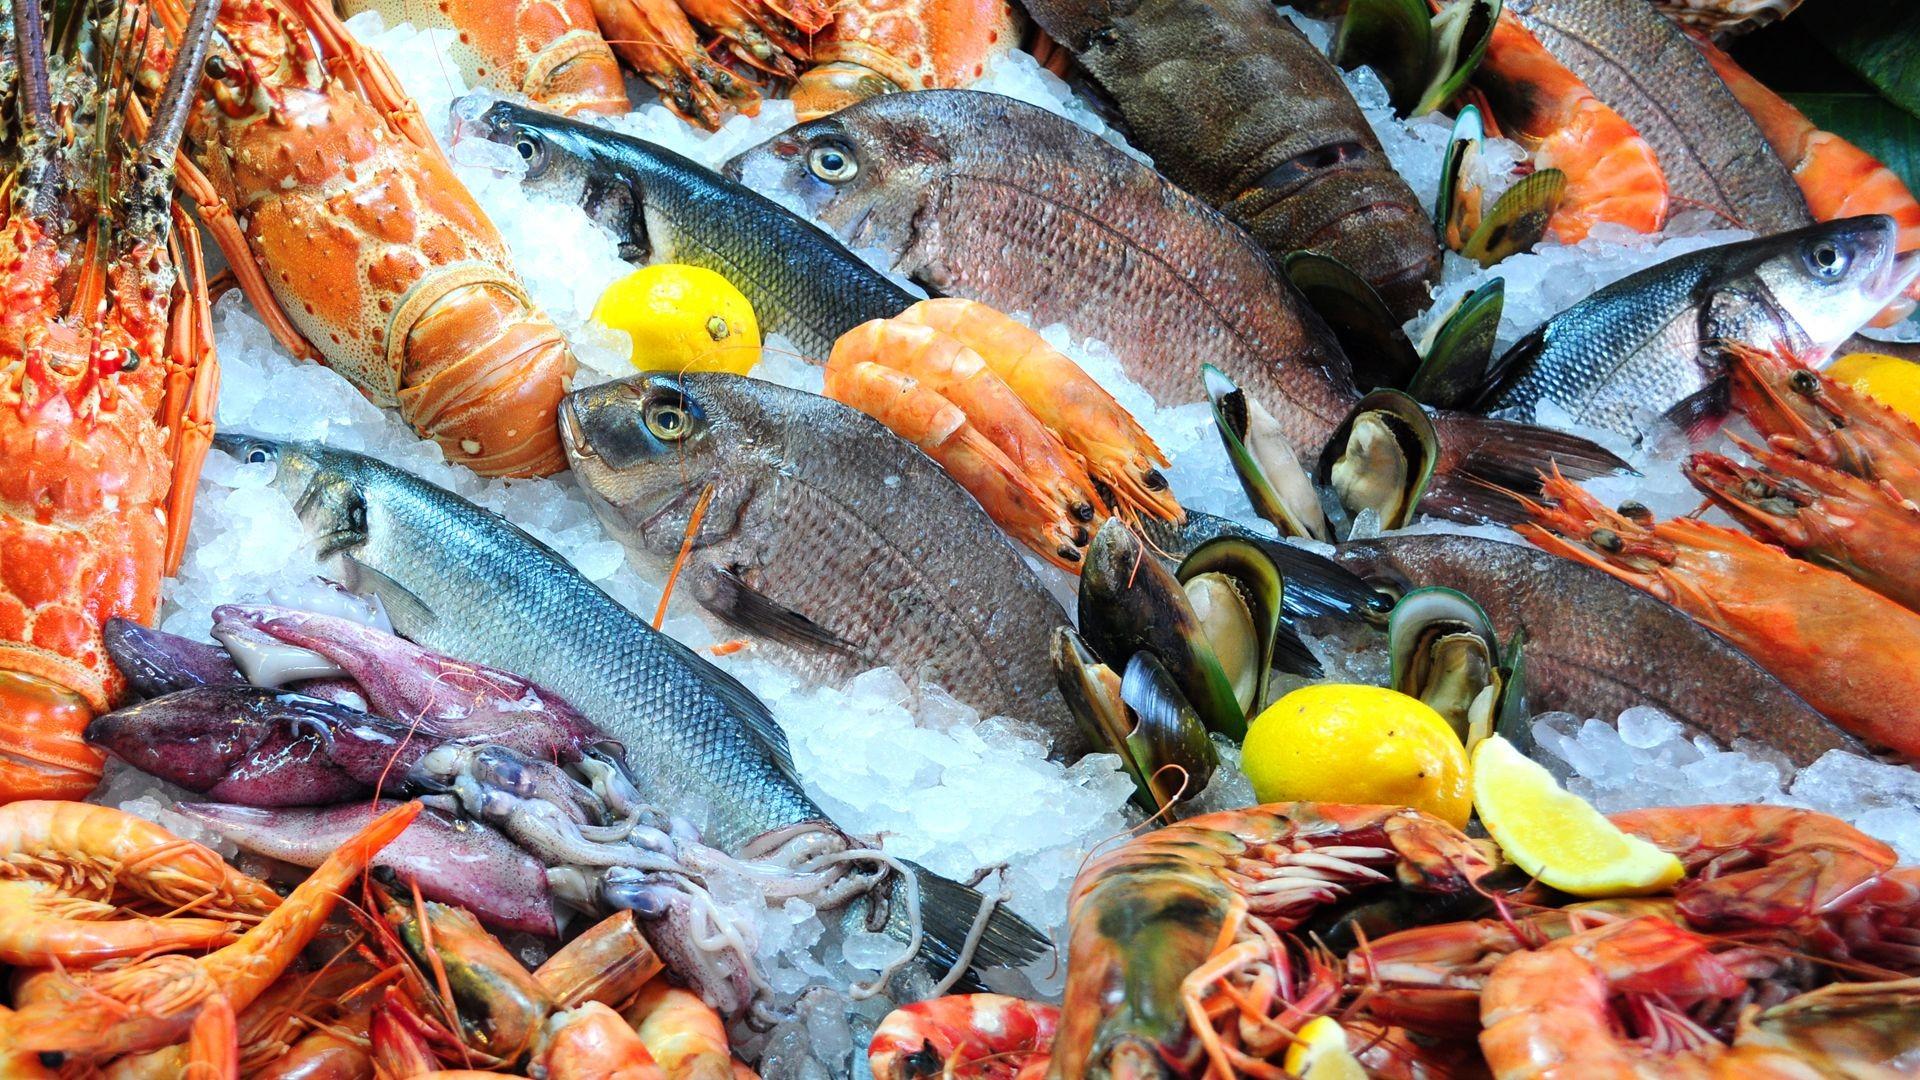 Pescadería y marisquería en Atocha madrid